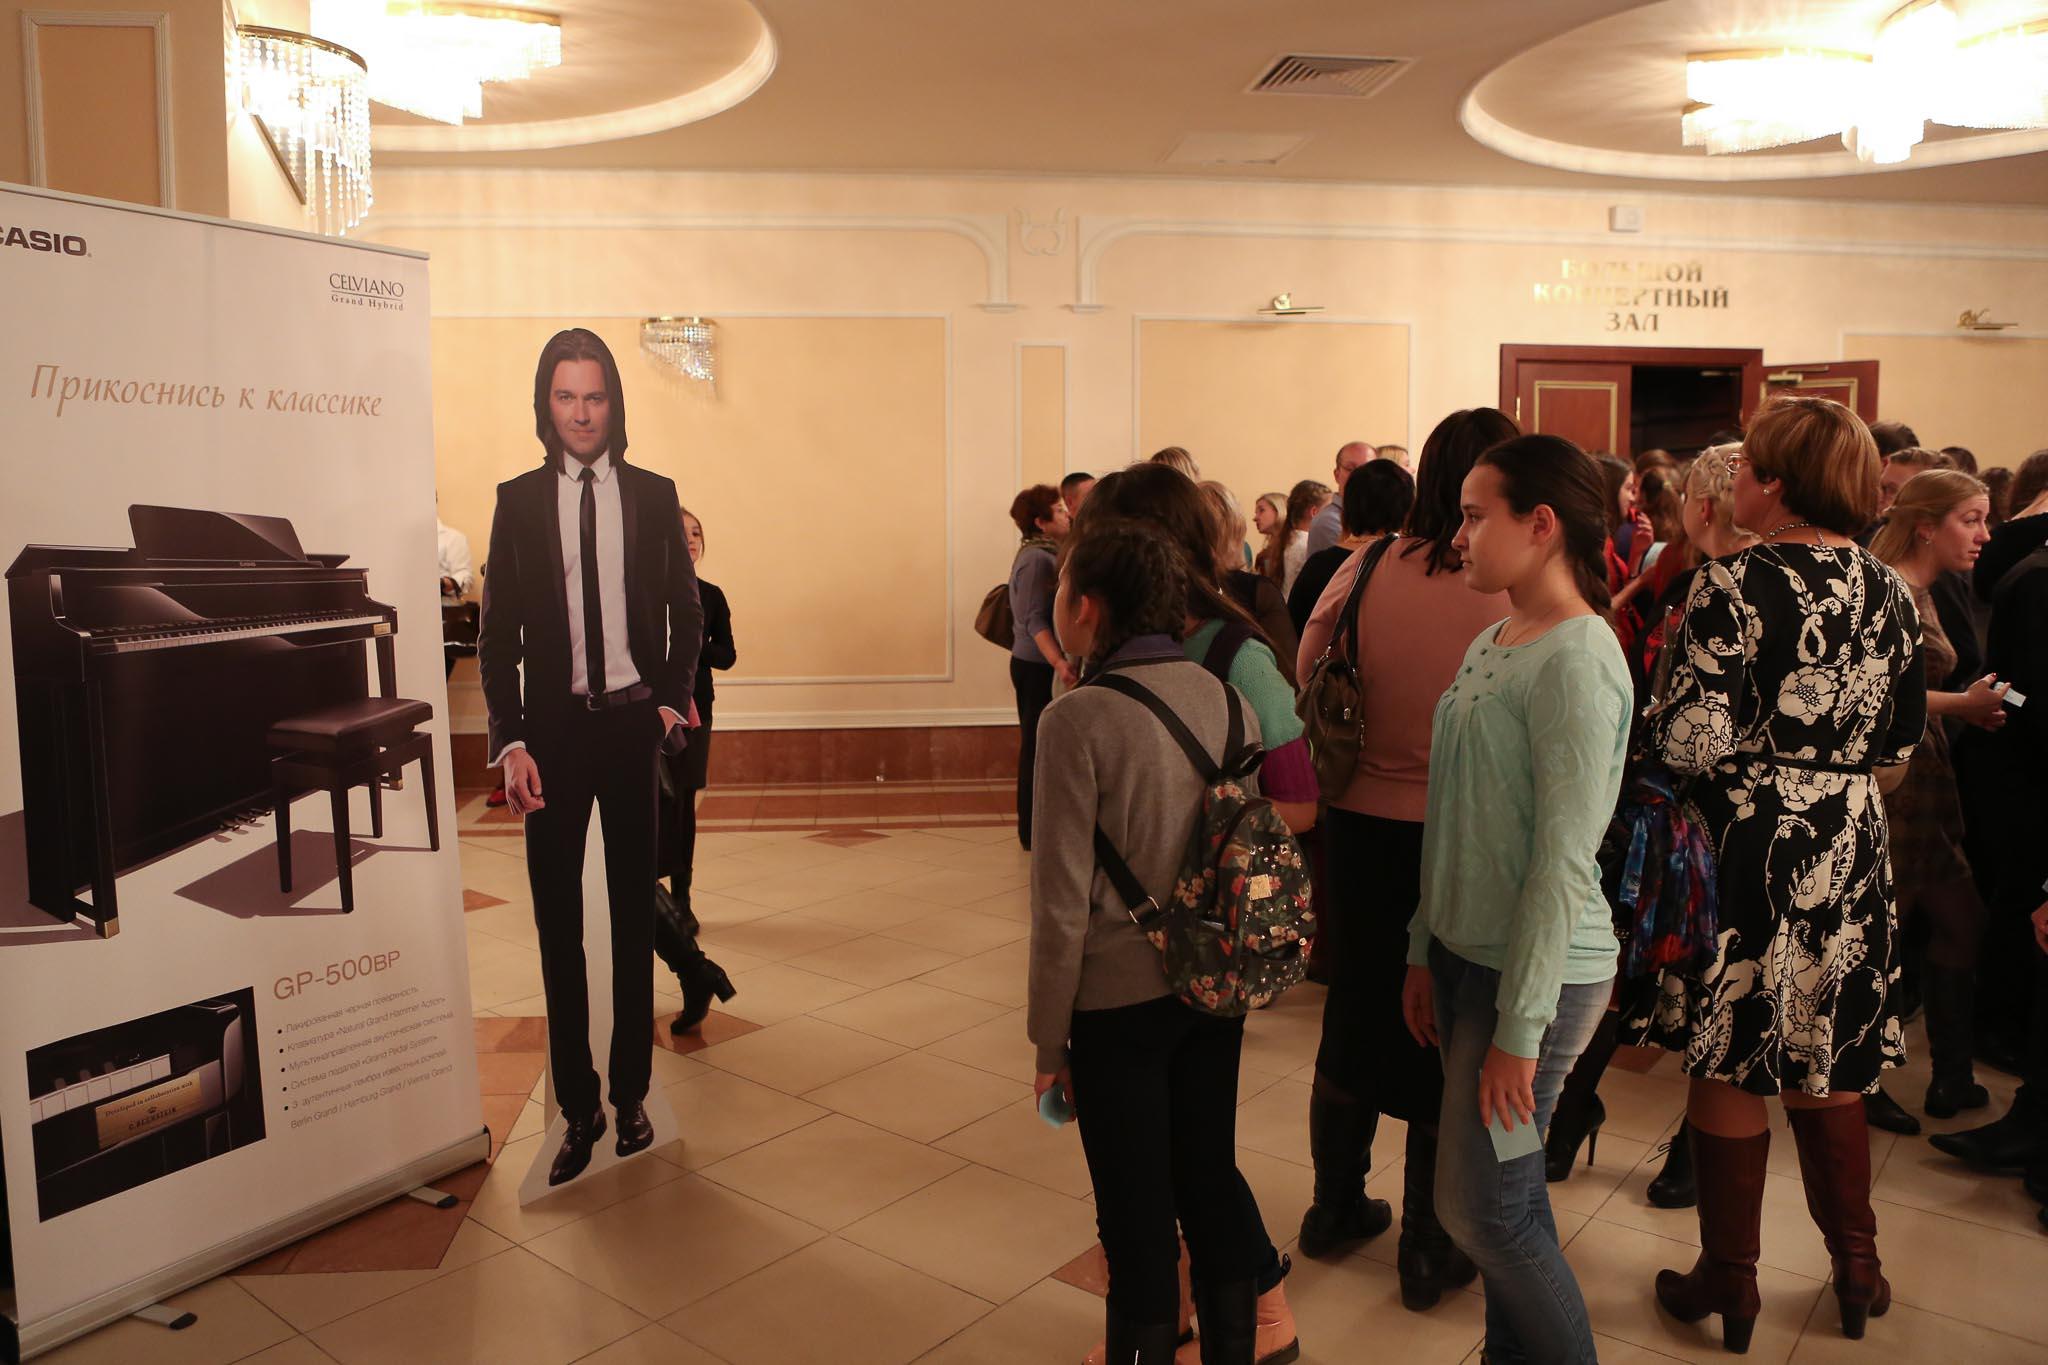 Дмитрий Маликов привезет вОрел собственный спектакль